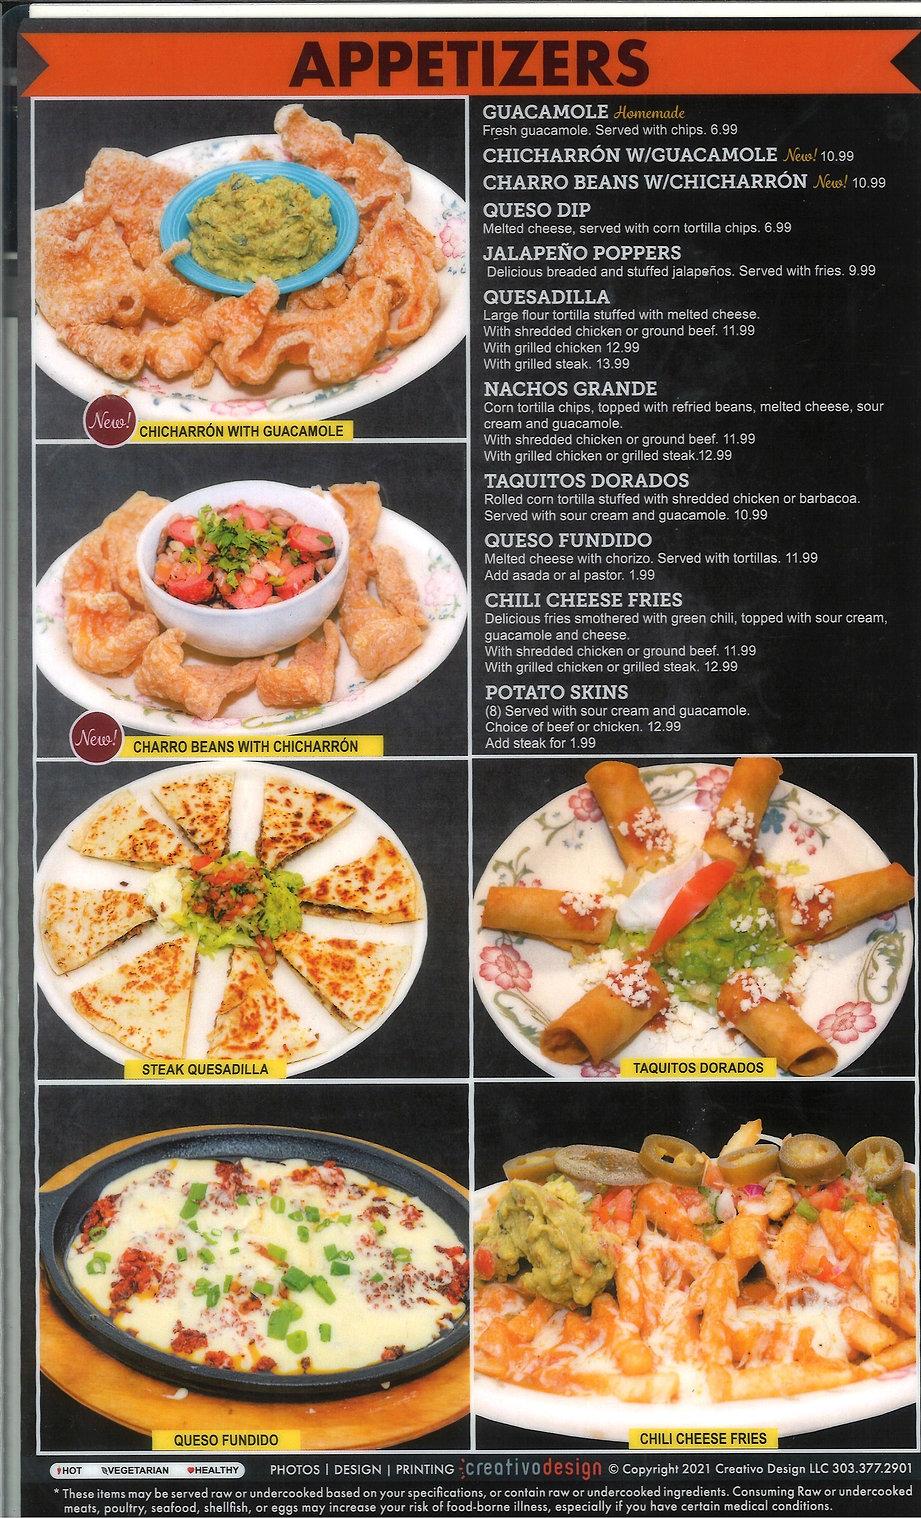 Appetizers, Tecate_edited.jpg